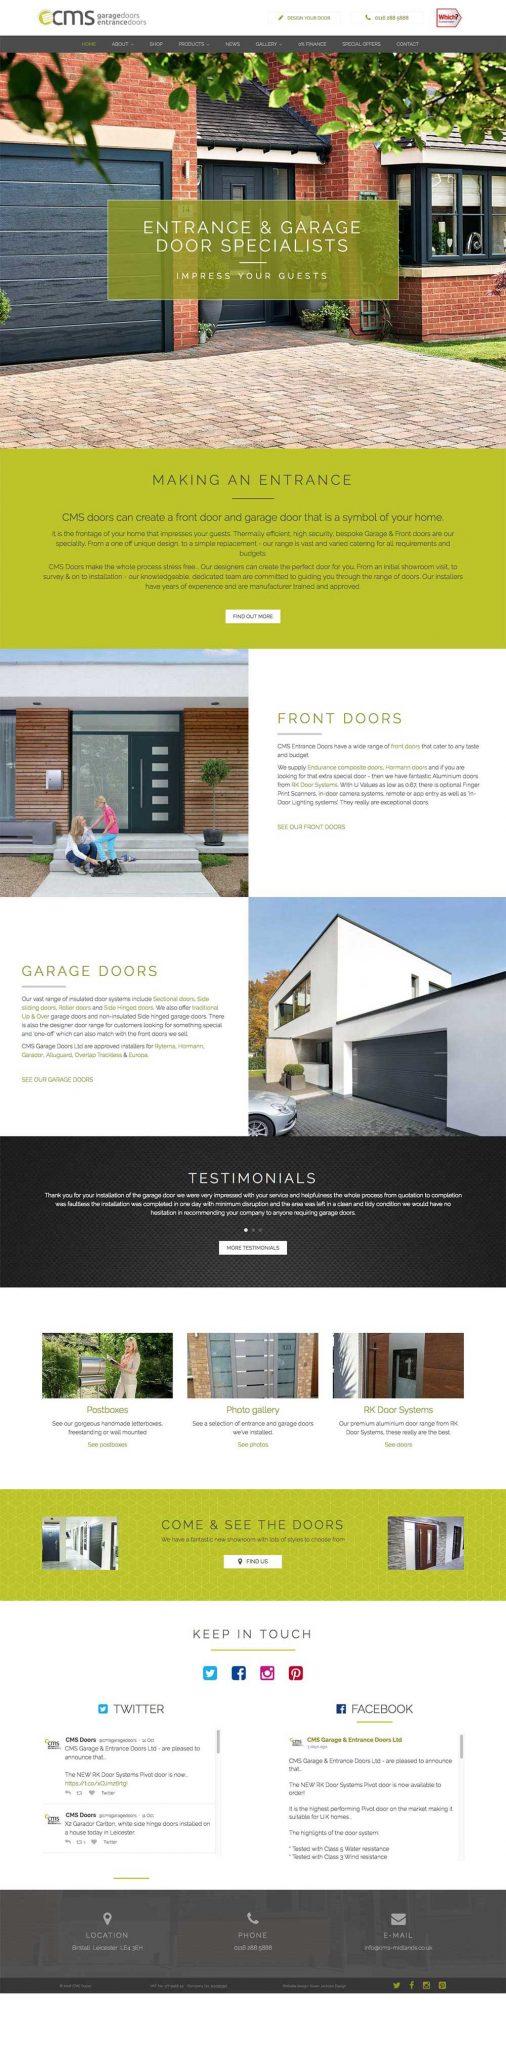 cmsdoors.co.uk-website